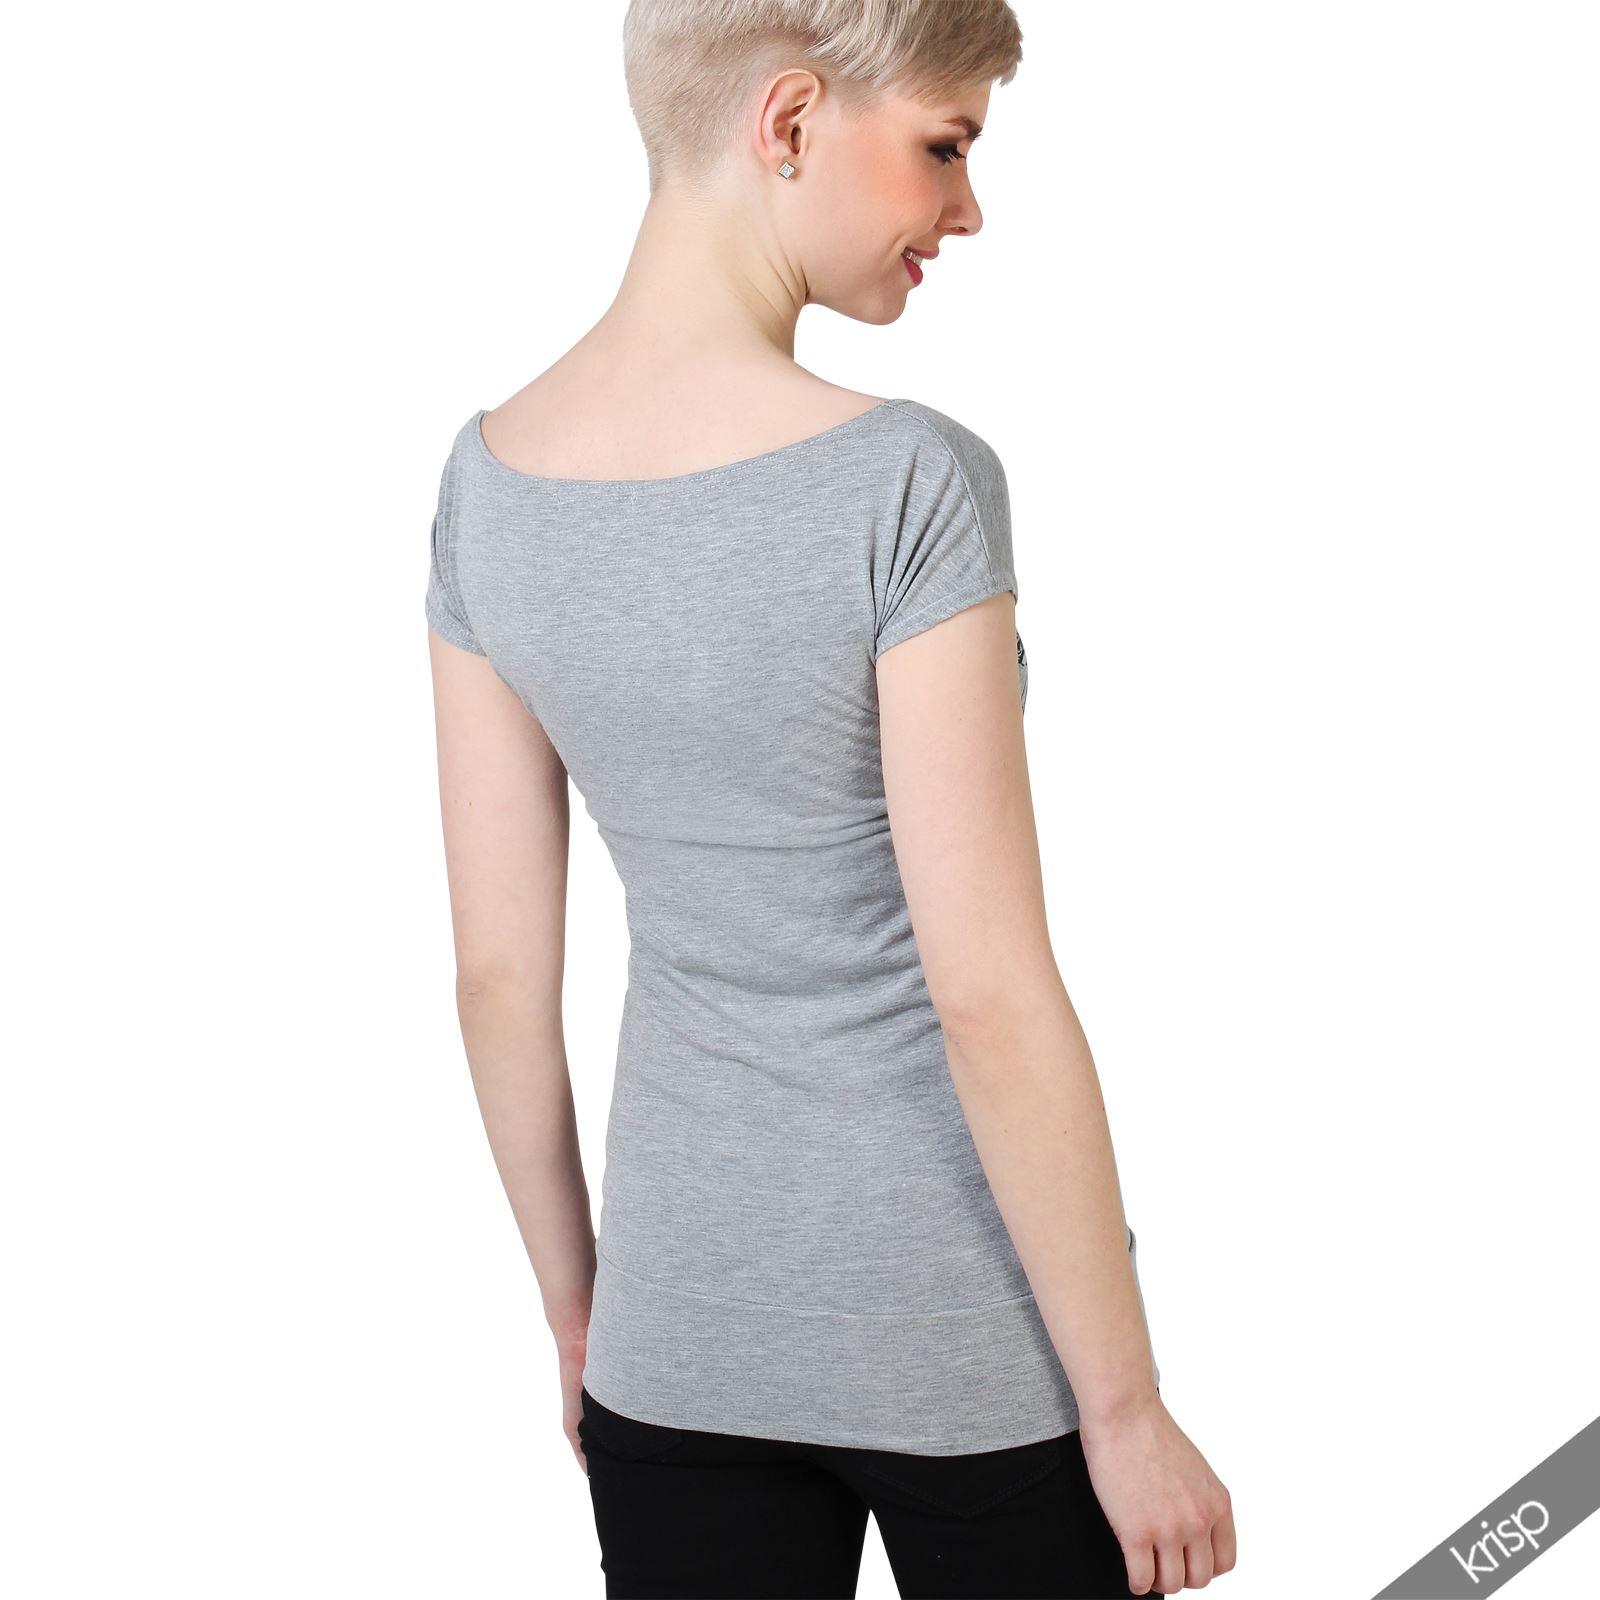 pullover bedrucken auf rechnung edc t shirt damen. Black Bedroom Furniture Sets. Home Design Ideas